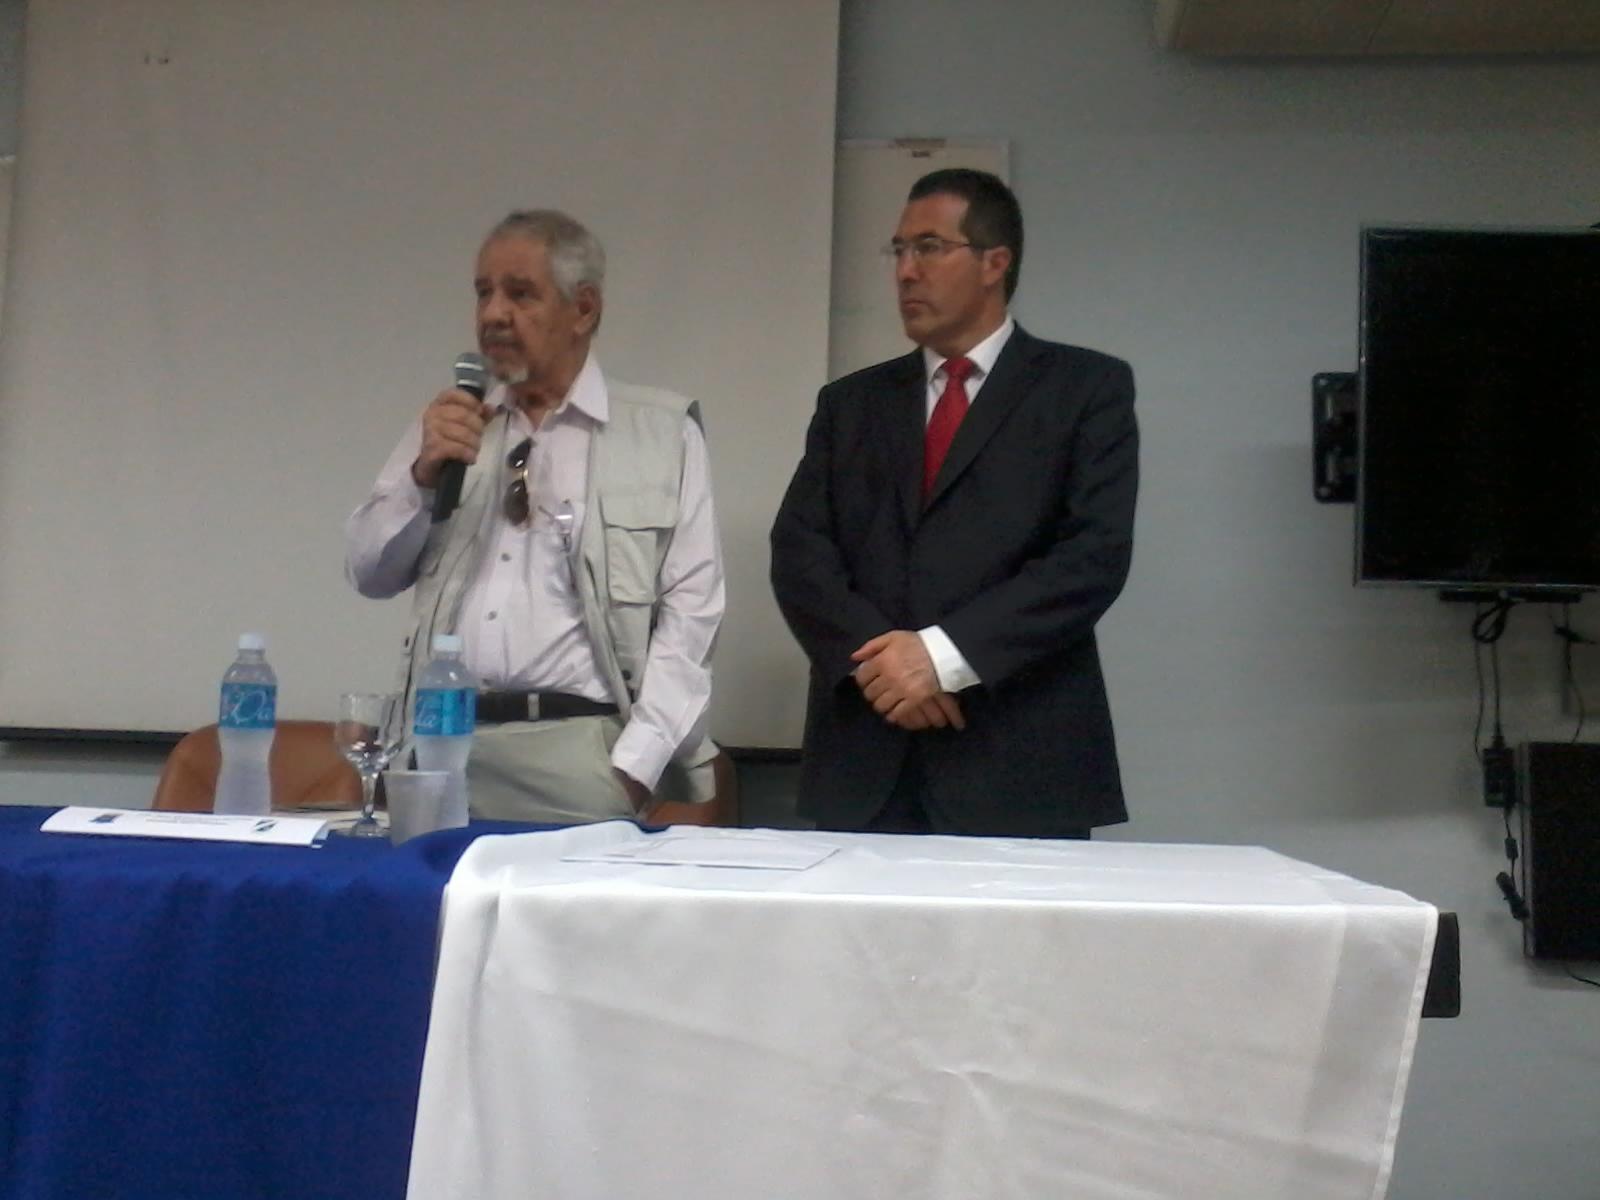 El Prof Eurico de Lima Figuereiro presentando a Marcelo Gullo 2014-10-23 10.19.57